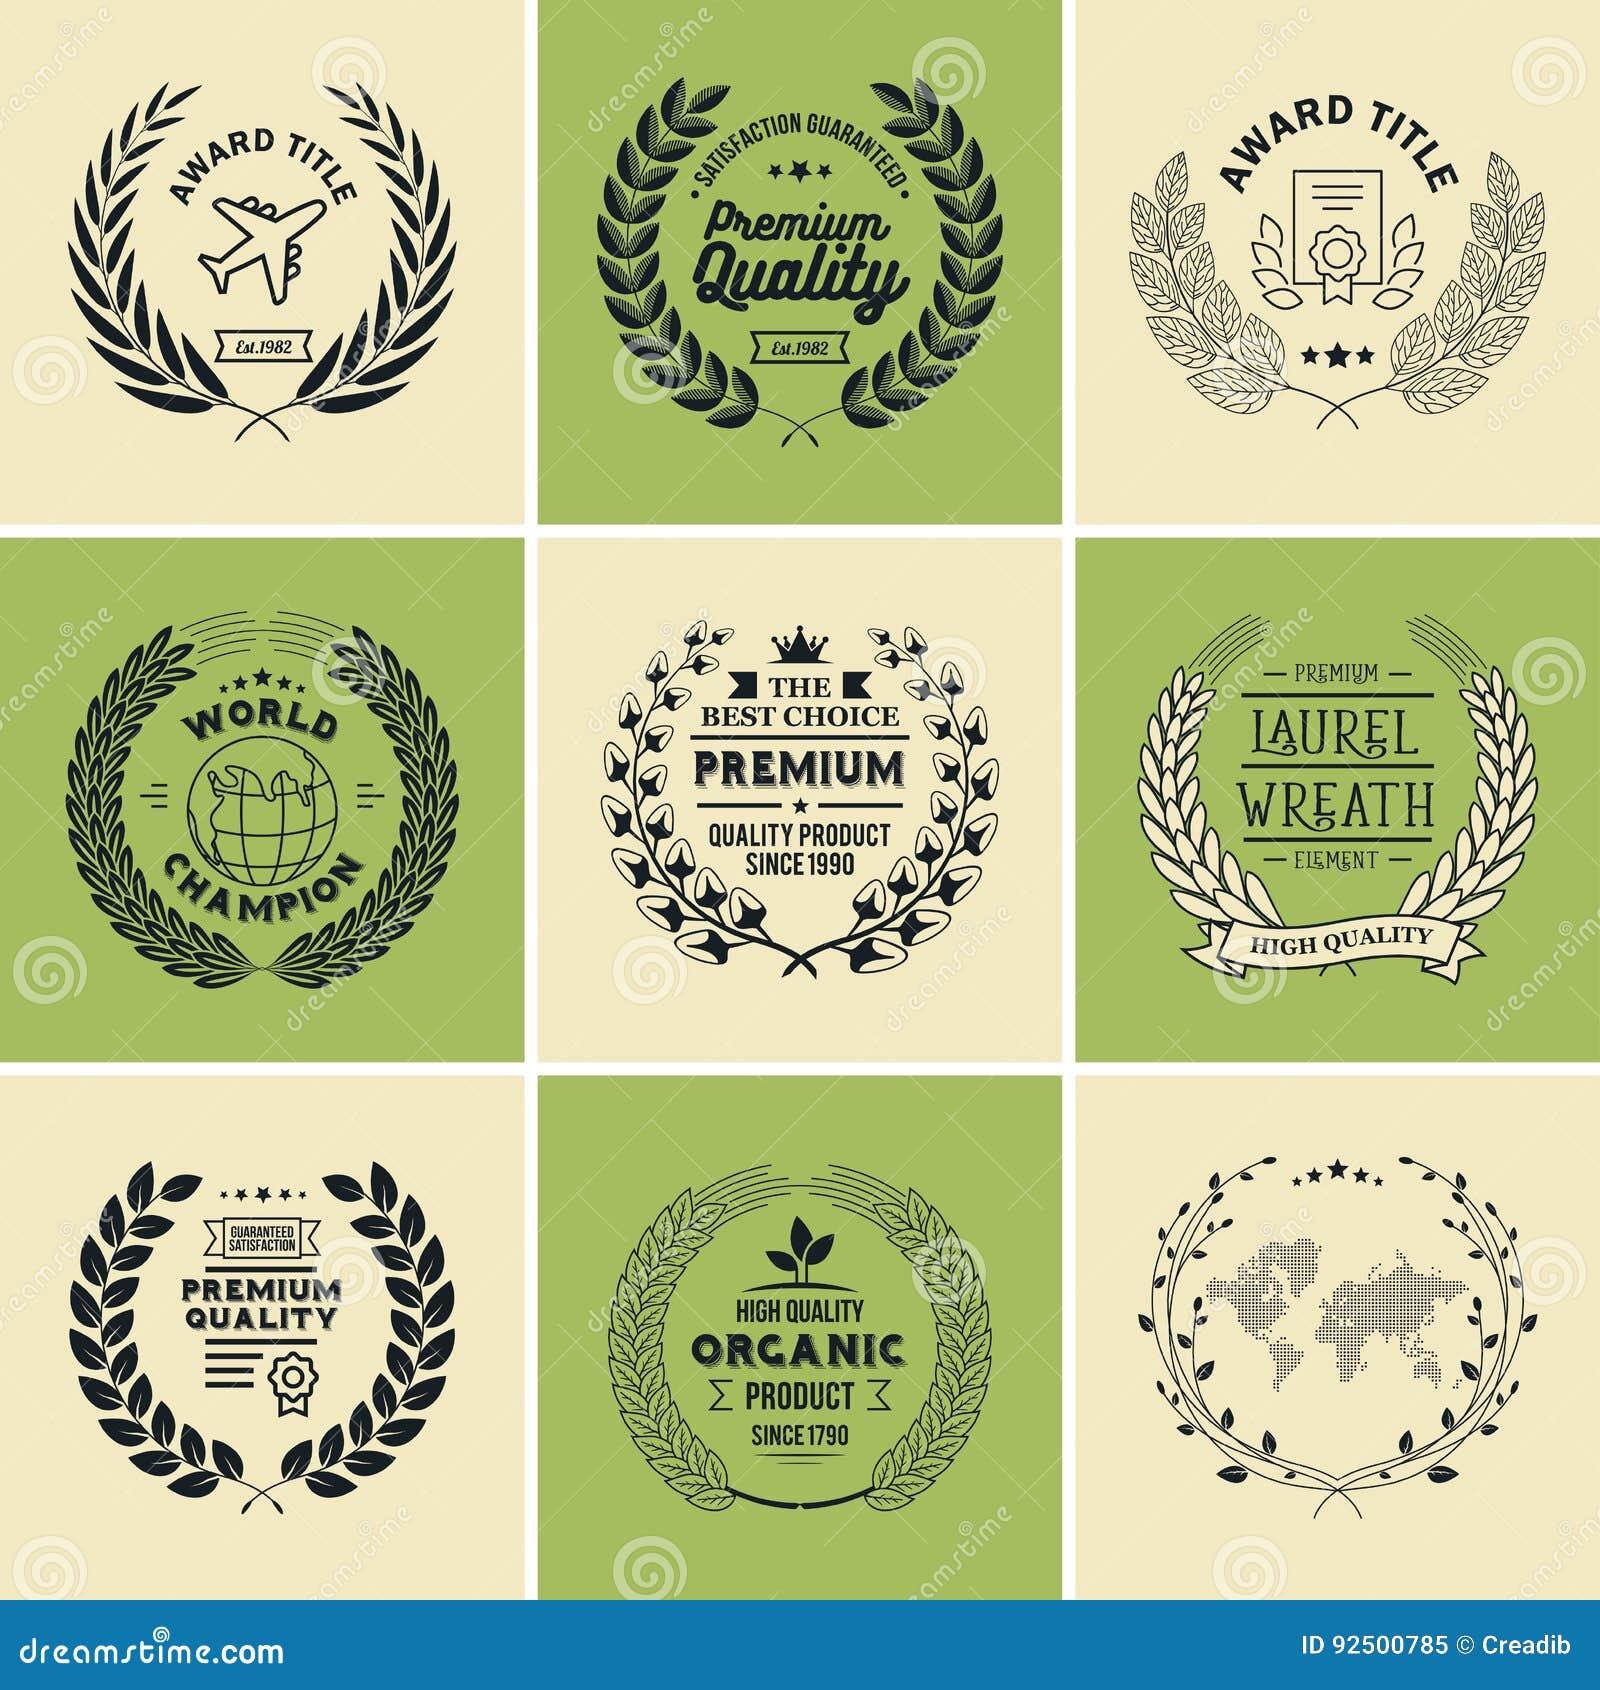 Laurel Wreath Badges Vector Schablone Für Preise, Gütezeichen ...